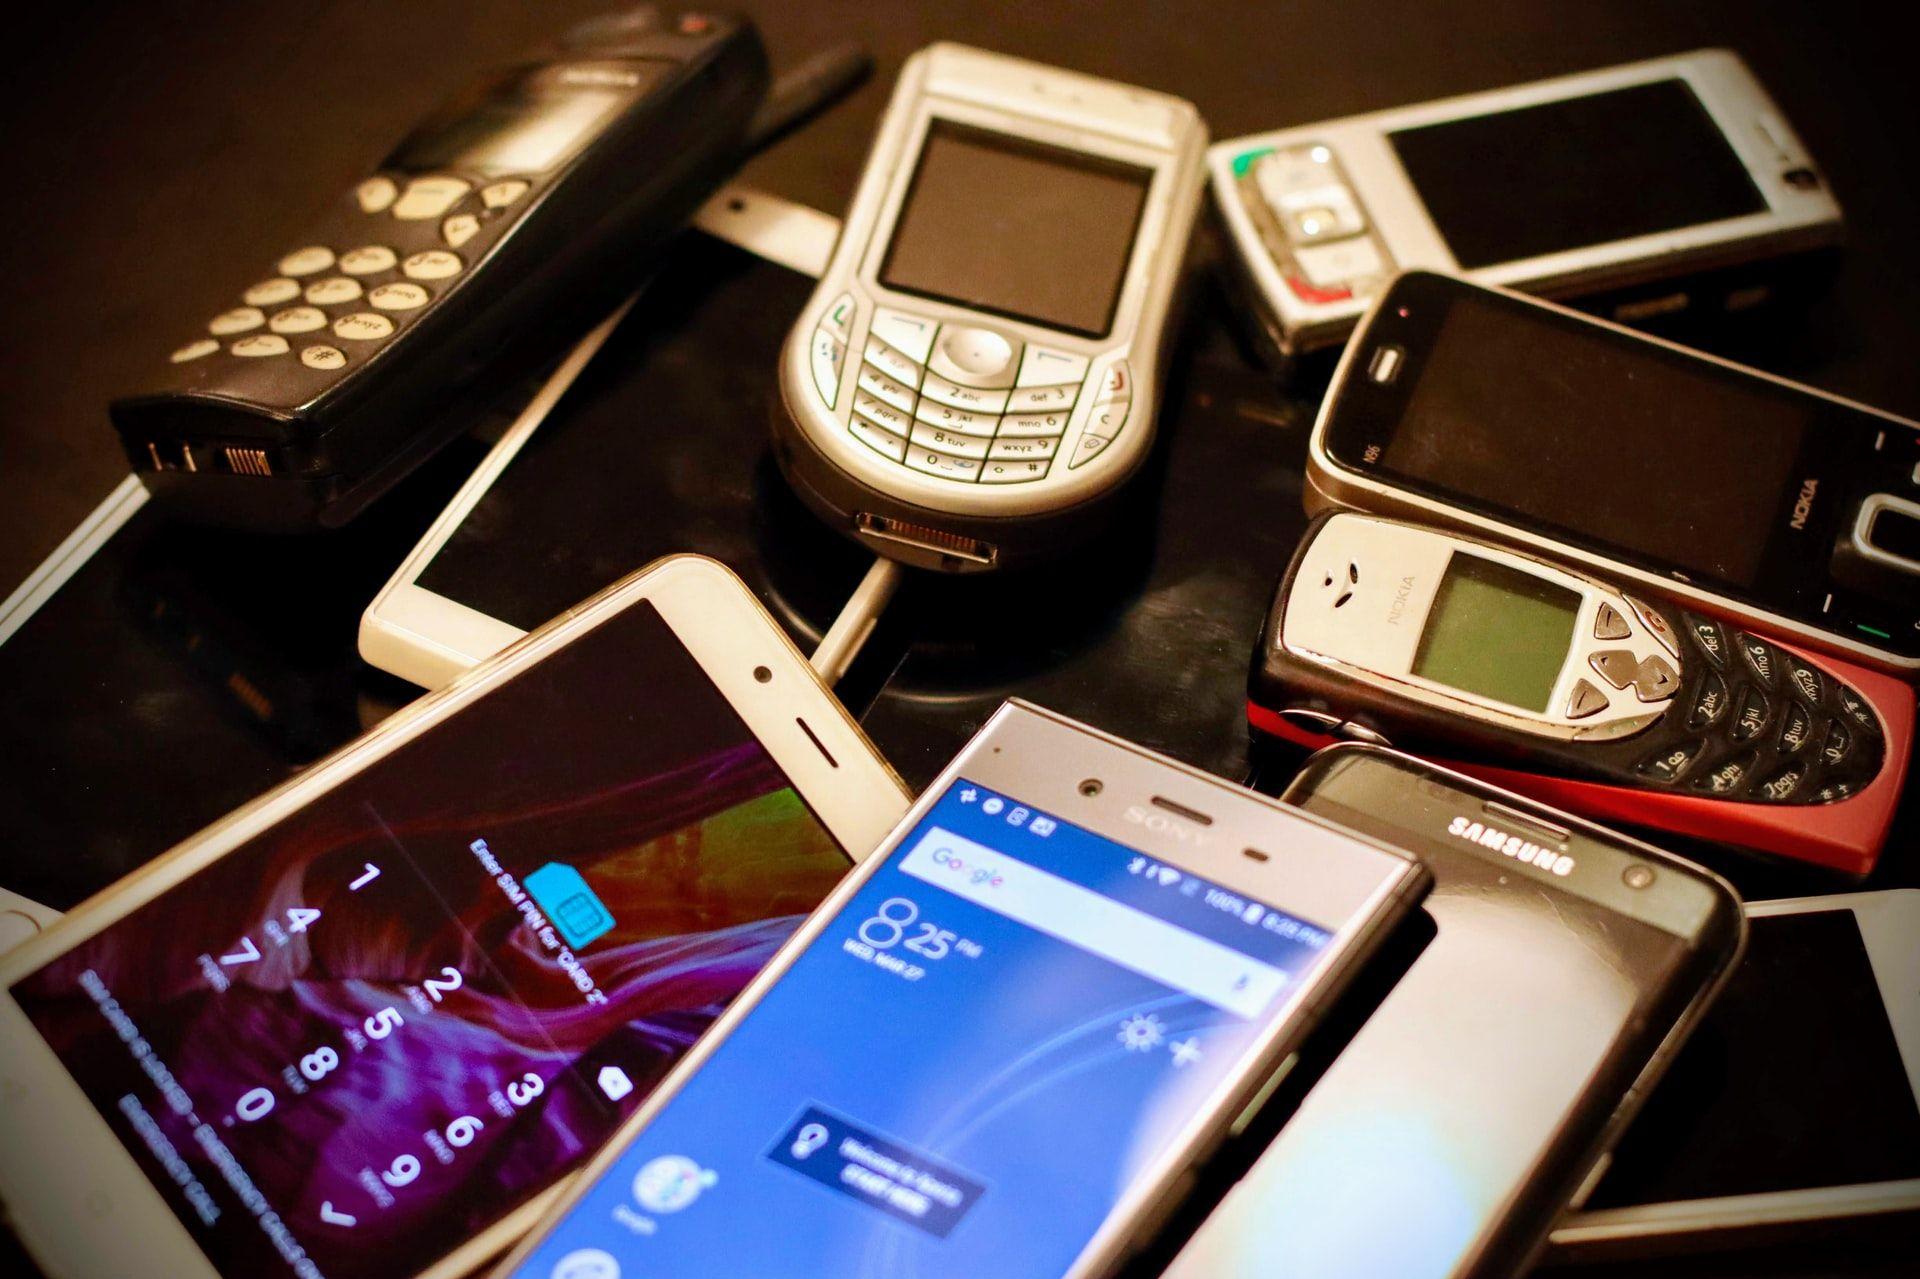 Как работает мобильный интернет